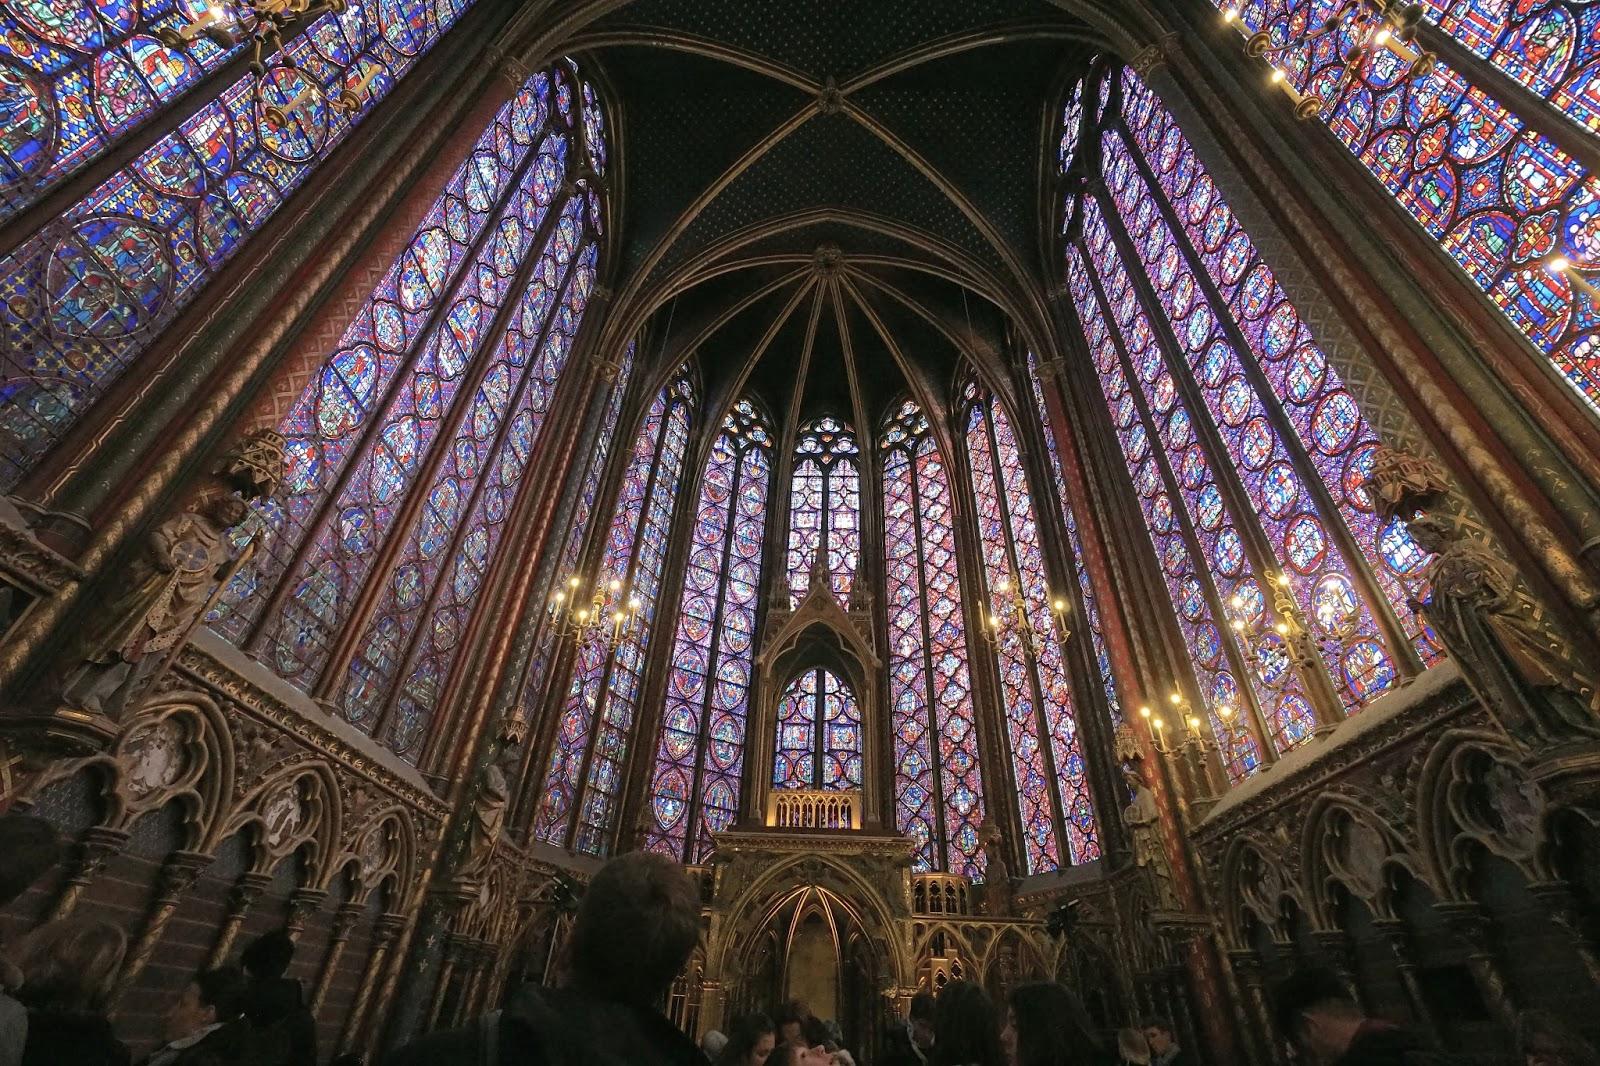 サント・シャペル (Sainte chapelle)